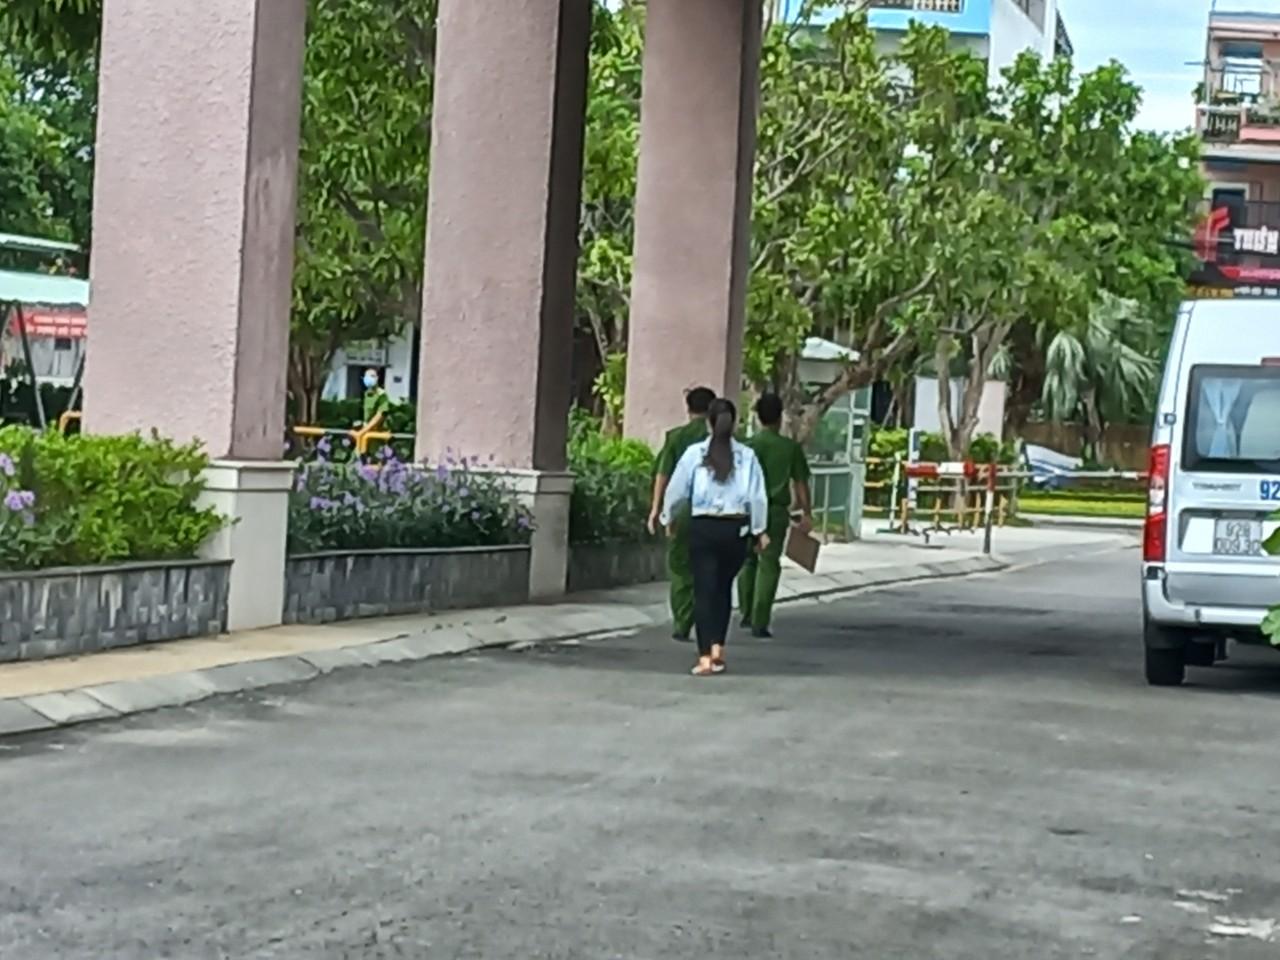 Trưởng phòng điện lực rơi từ tầng 17 khách sạn Mường Thanh Quảng Nam - Ảnh 1.